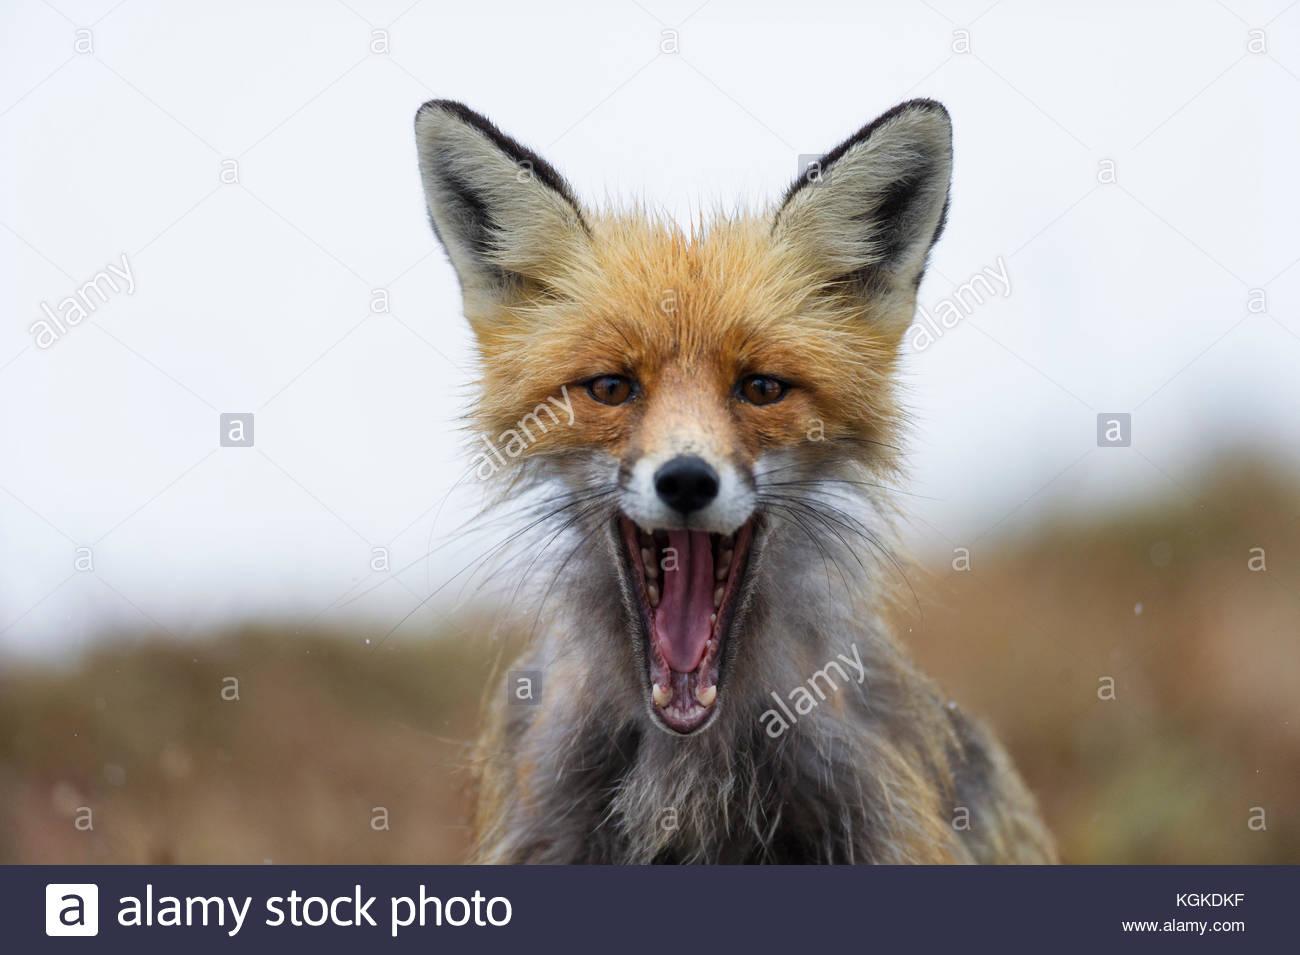 Porträt eines Red Fox, Vulpes vulpes, mit offenem Mund. Stockbild